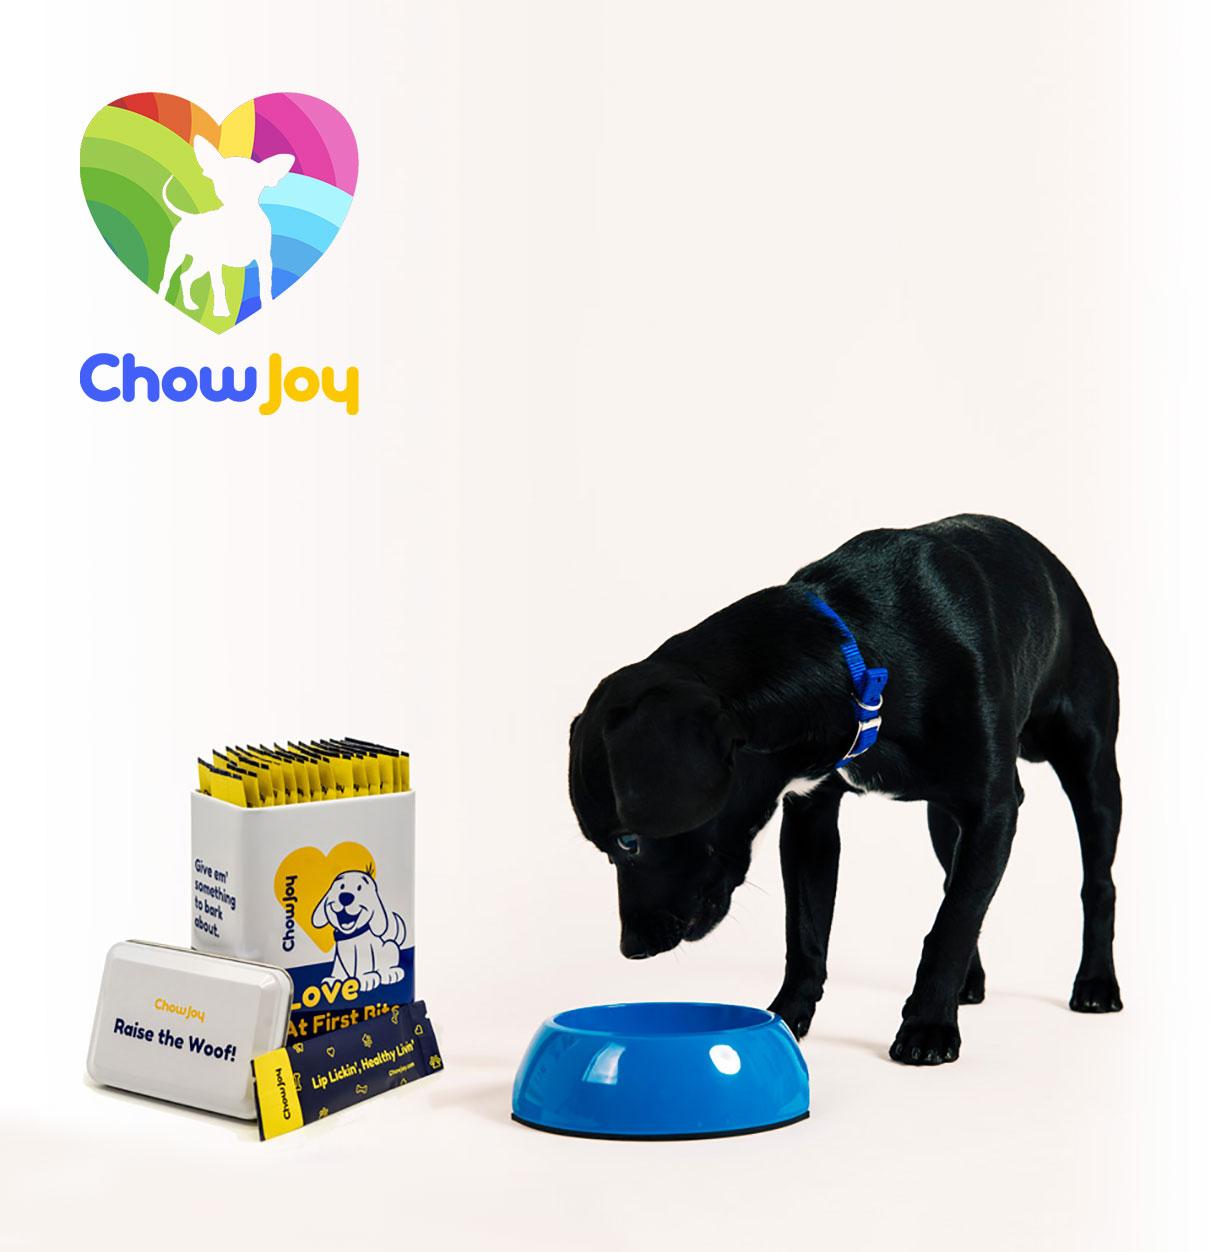 ChowJoy Pet Food